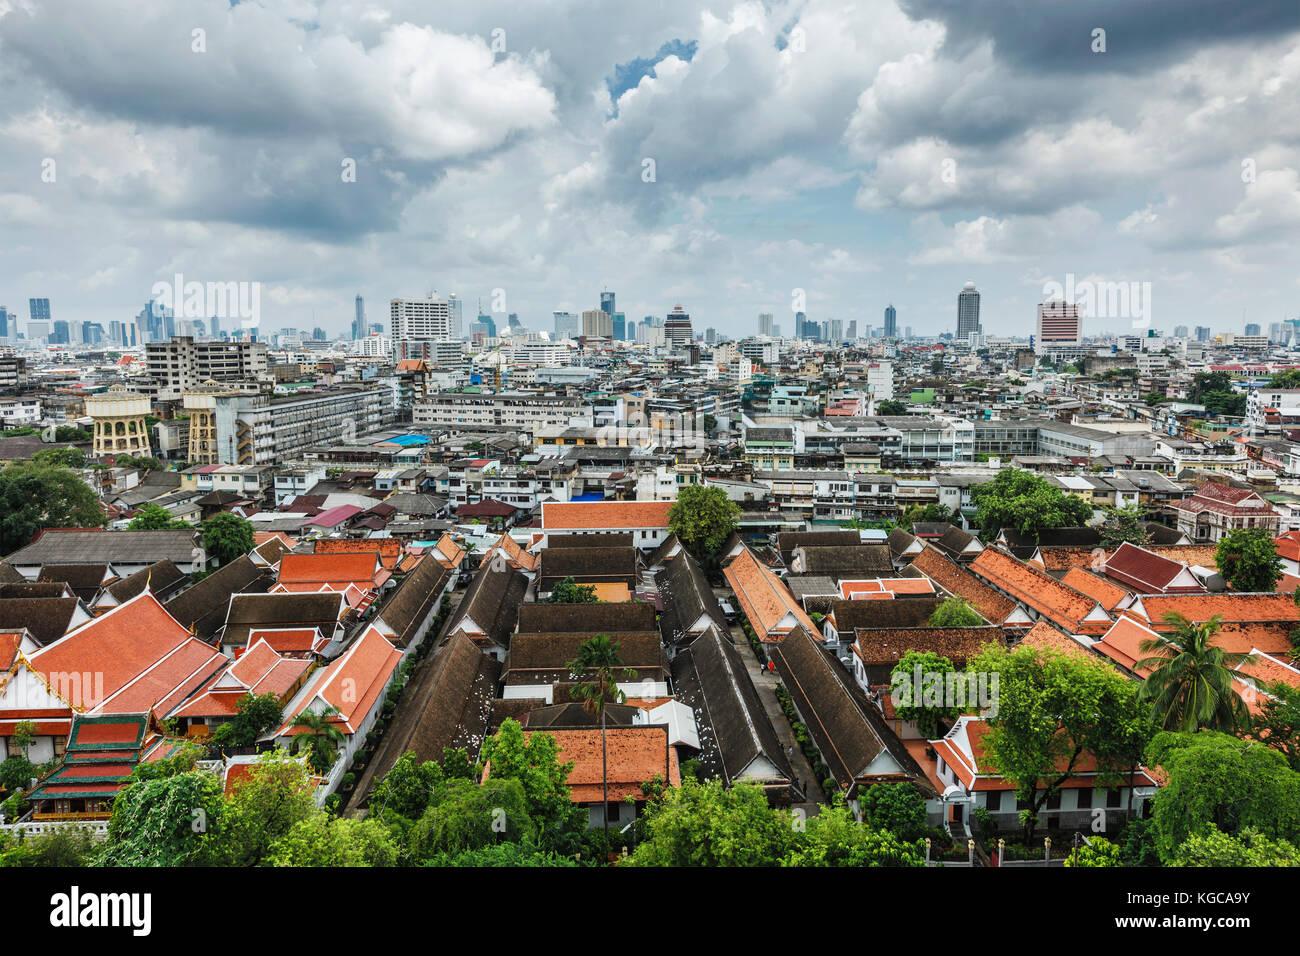 Aerial view of Bangkok, Thailand - Stock Image